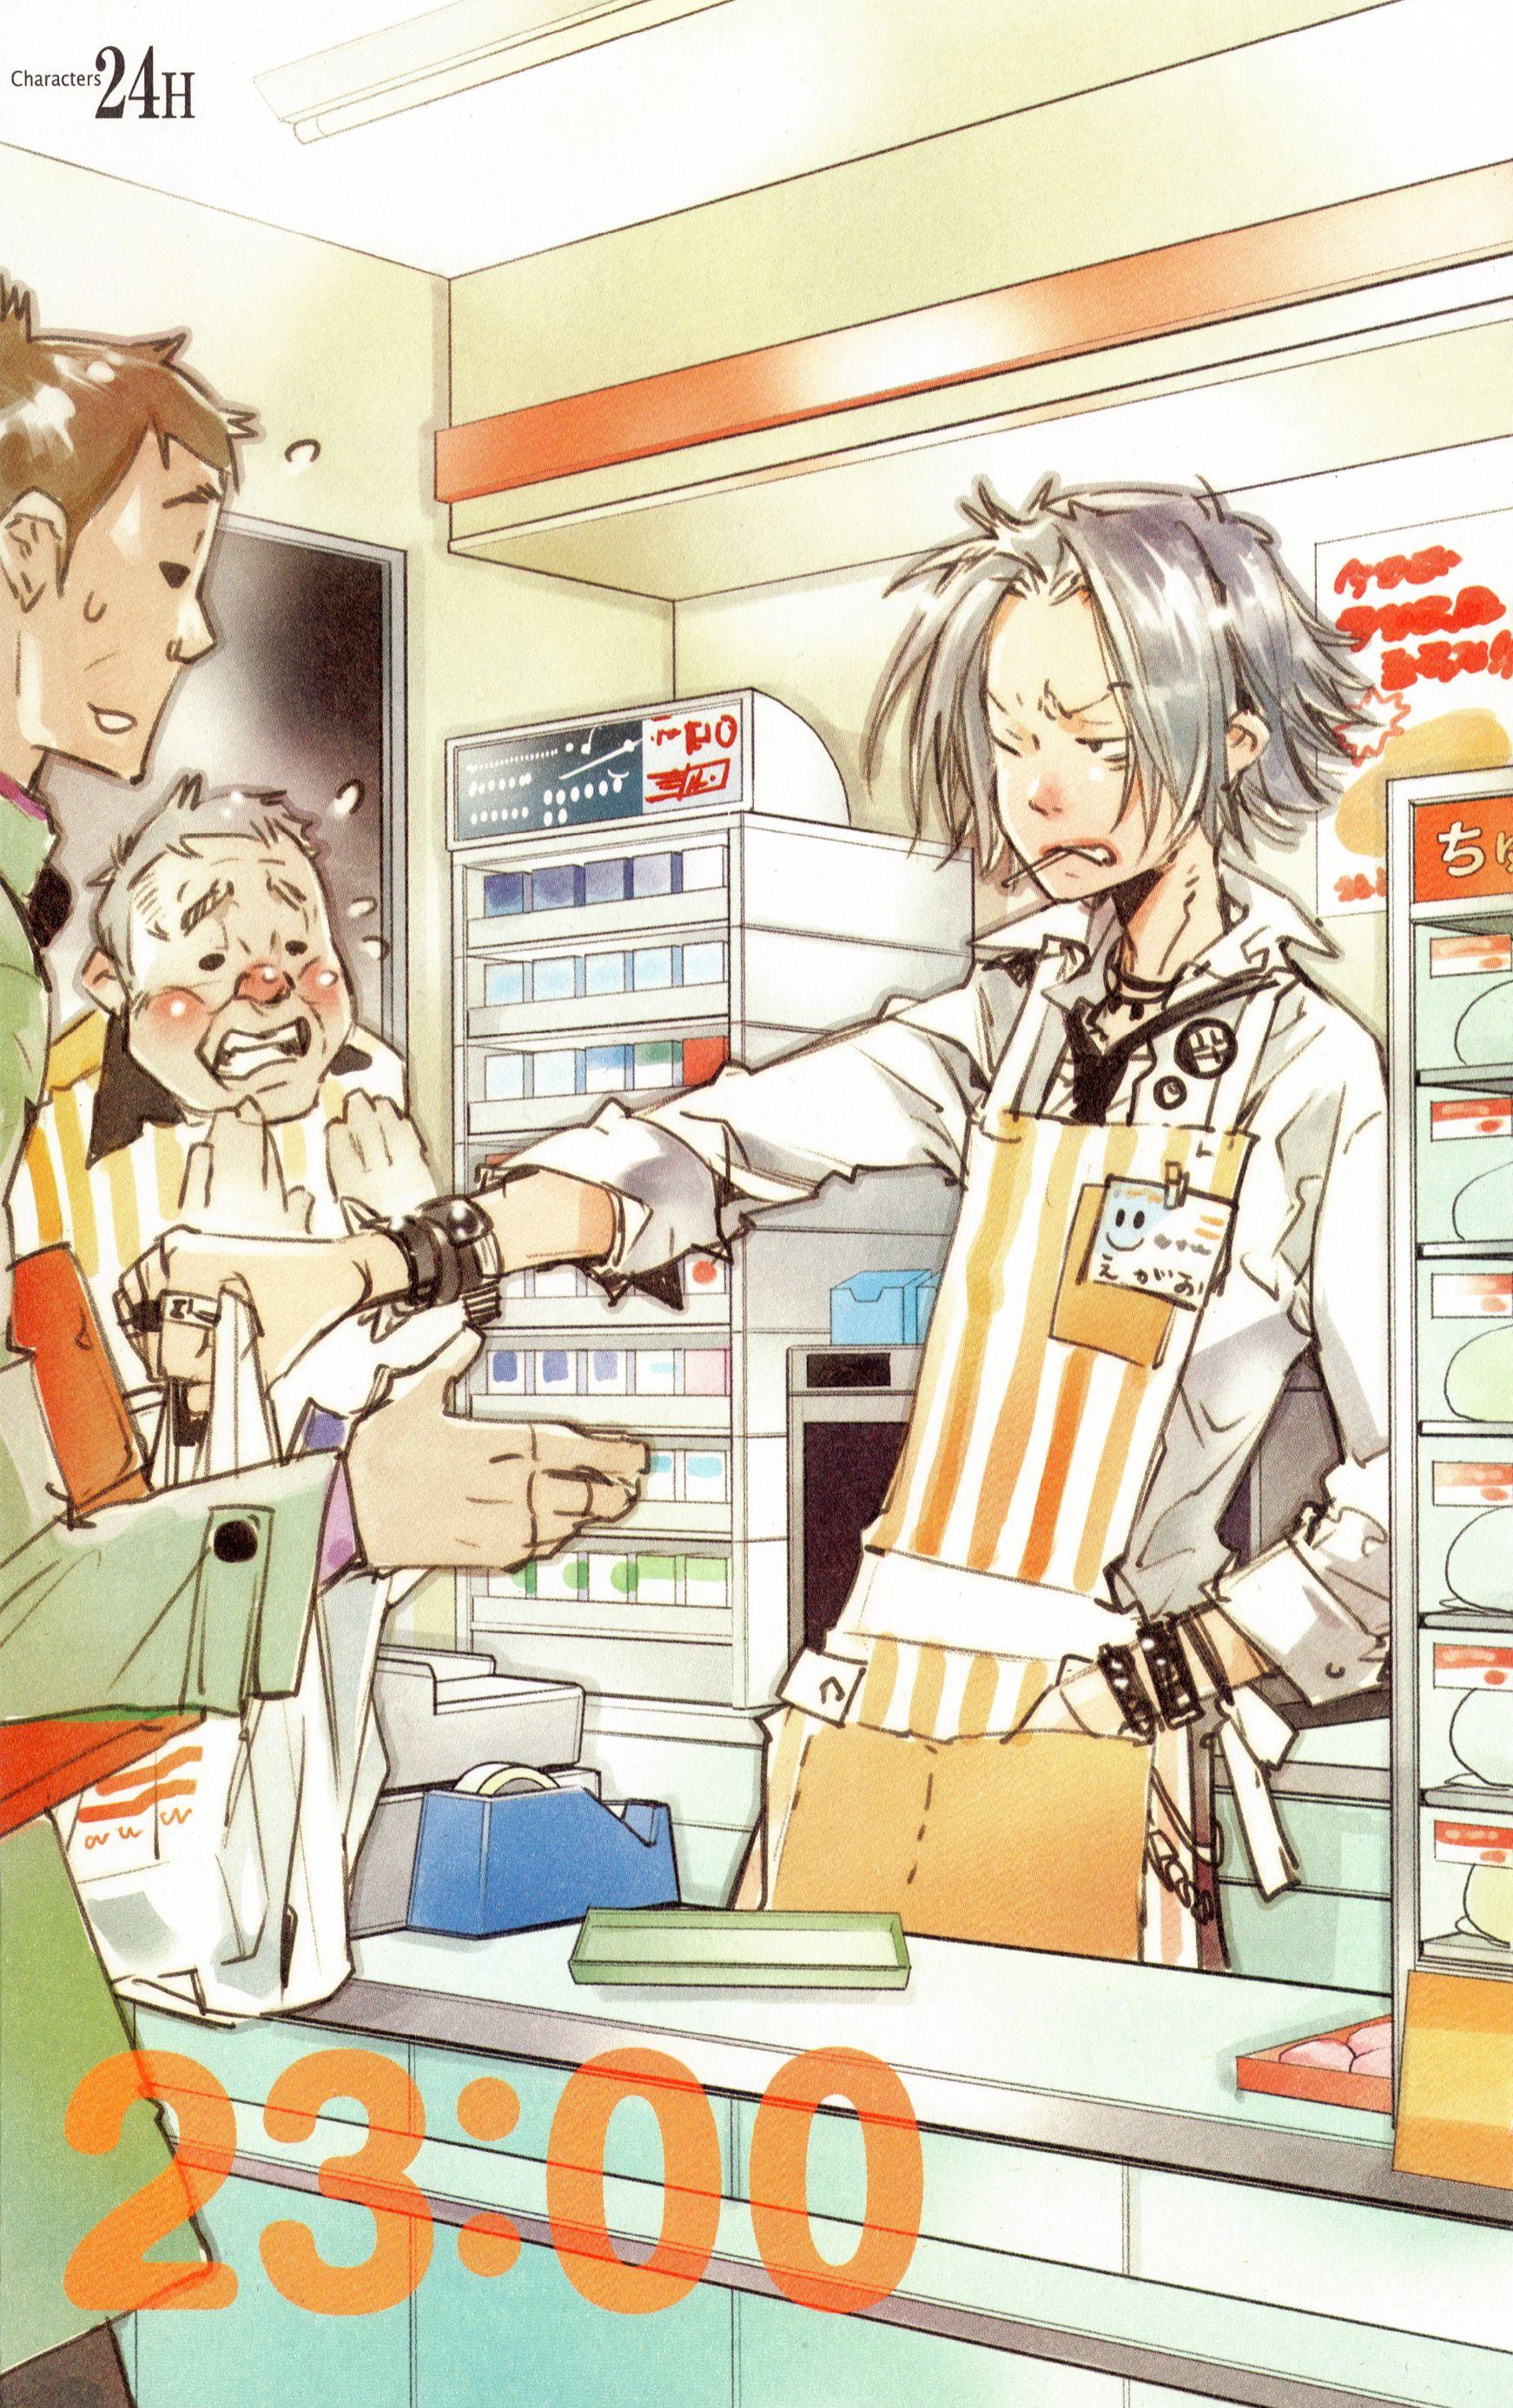 Katekyo Hitman Reborn Khr Gokudera Hayato Working As A Clerk